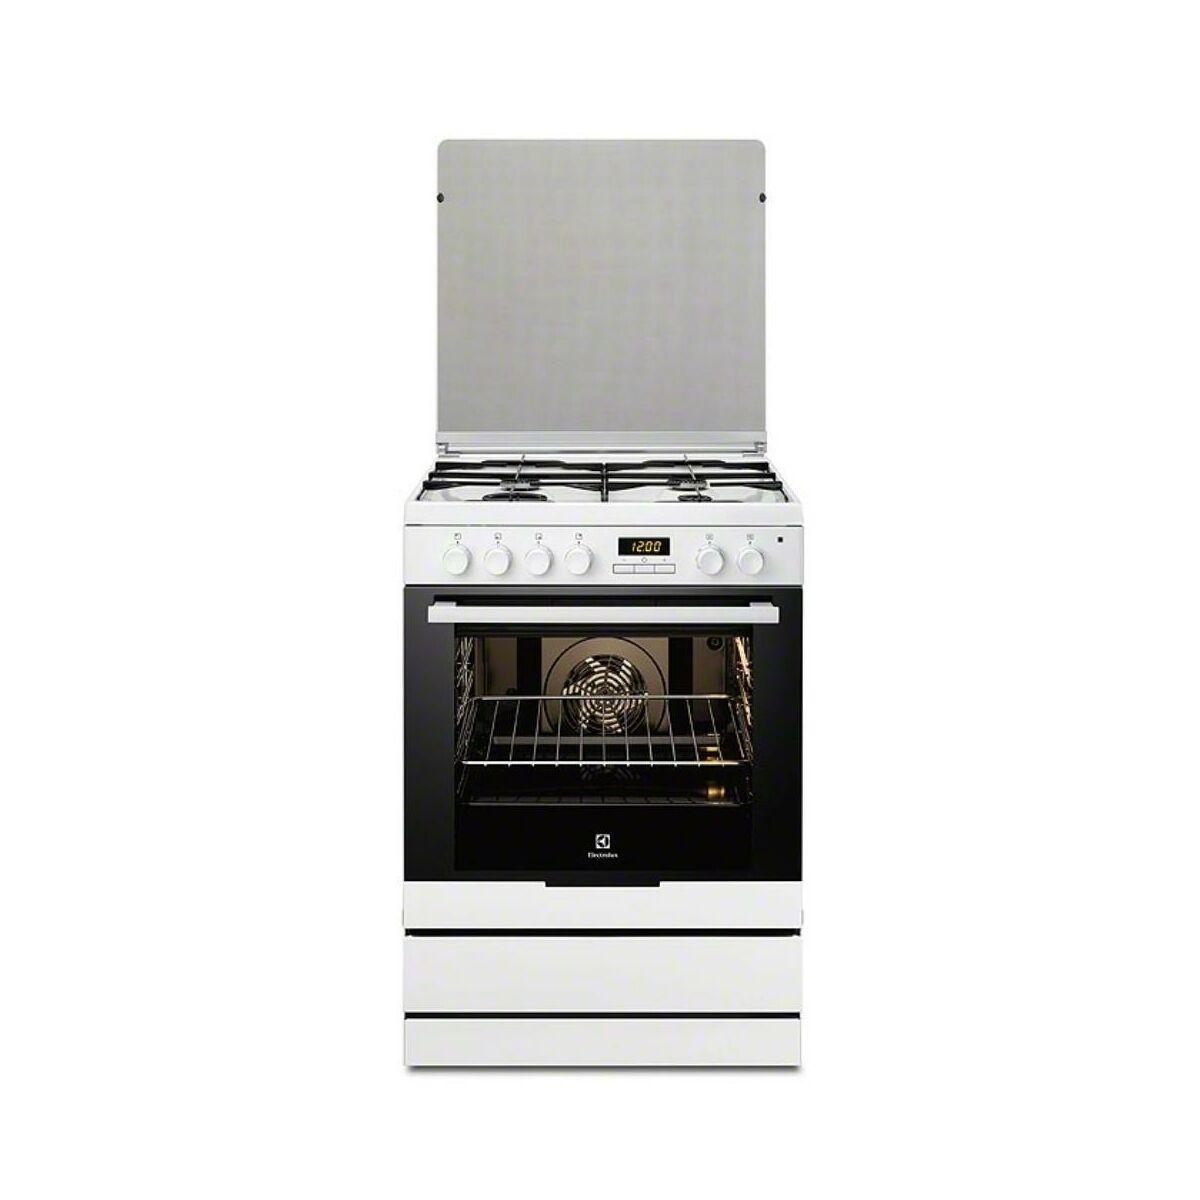 Kuchenki gazowe i elektryczne  Sprzet AGD wolnostojący w   -> Kuchnia Gazowo Elektryczna Odliczenie Vat